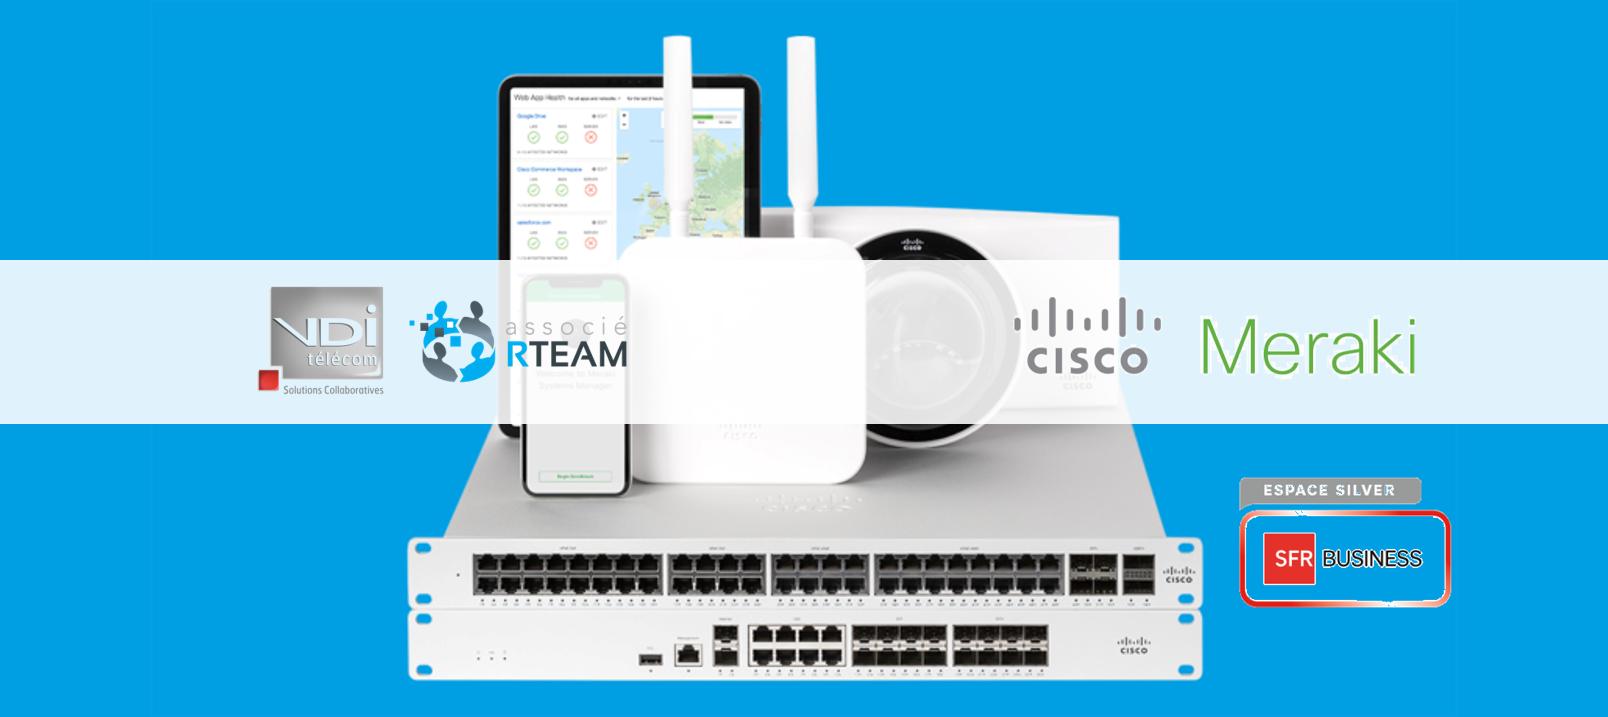 VDI associé à RTEAM, Cisco et Meraki